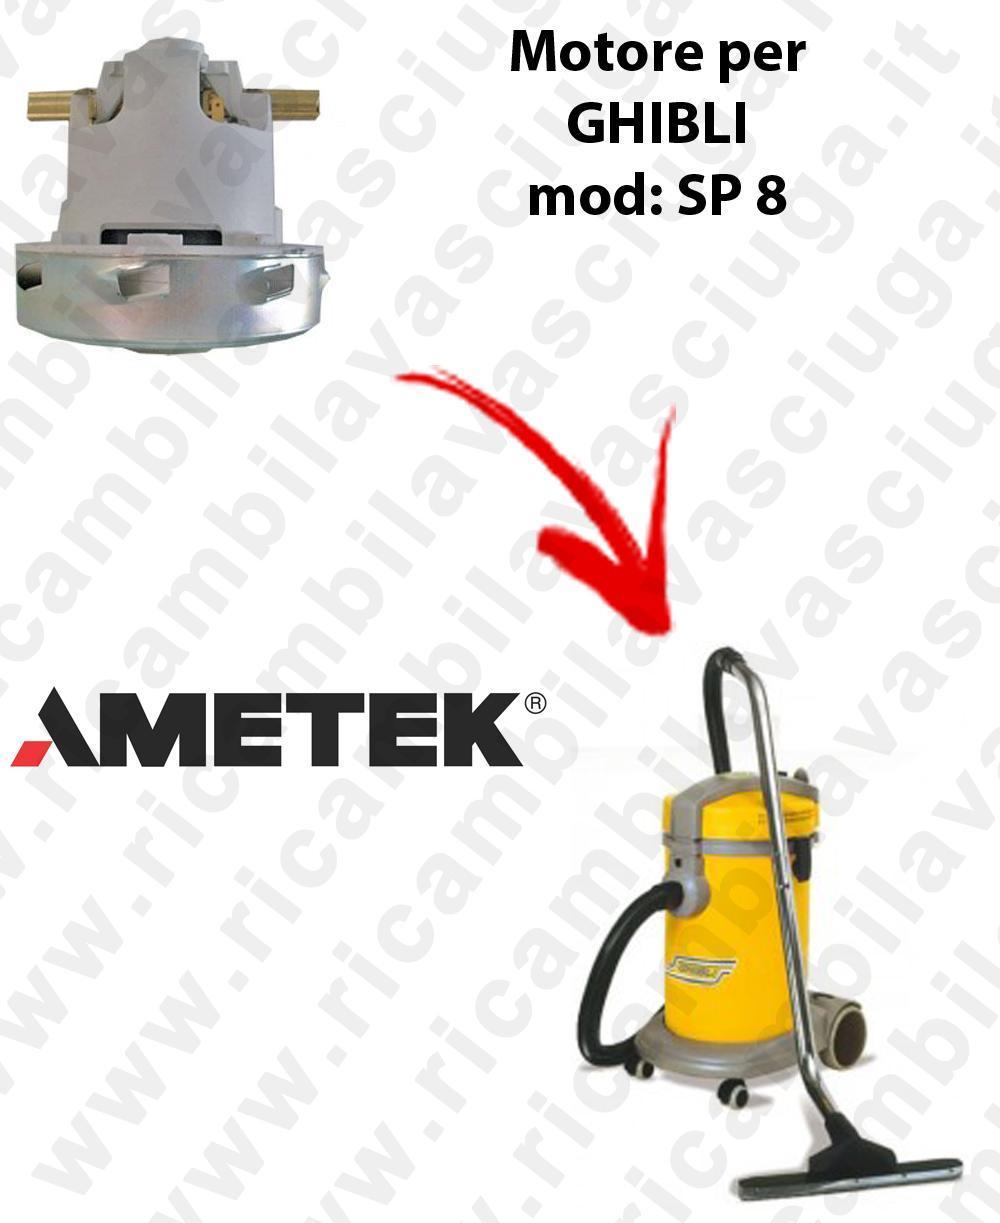 SP 8  Motore de aspiración AMETEK para aspiradora GHIBLI